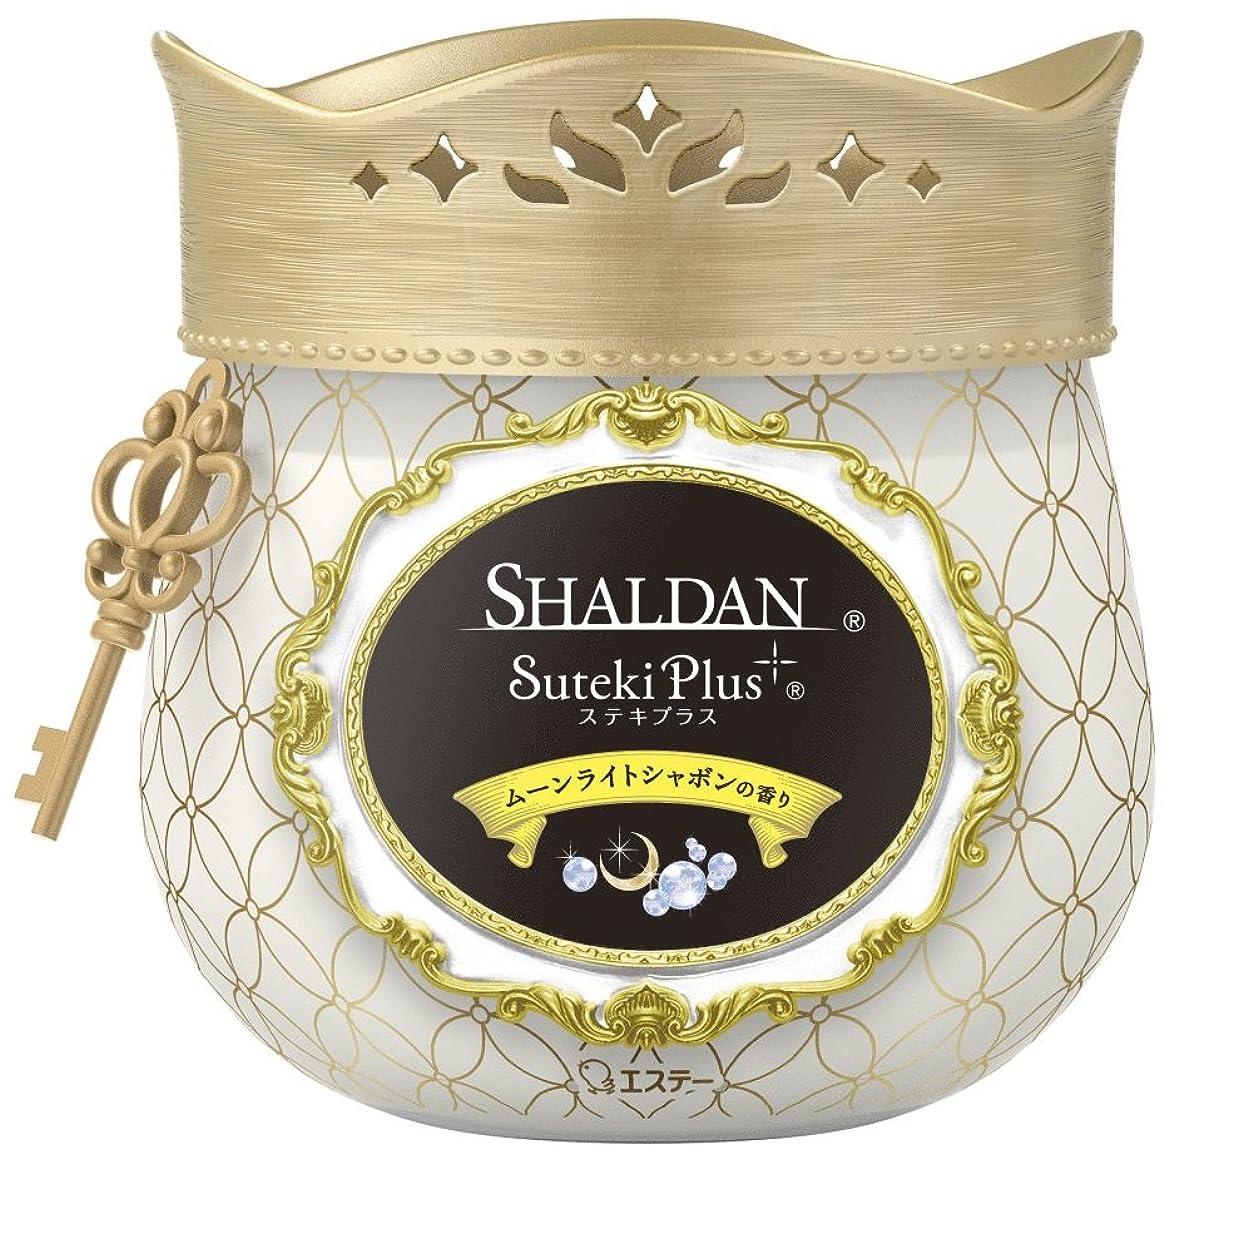 コットンキュービック保険をかけるシャルダン SHALDAN ステキプラス 消臭芳香剤 部屋用 部屋 ムーンライトシャボンの香り 260g